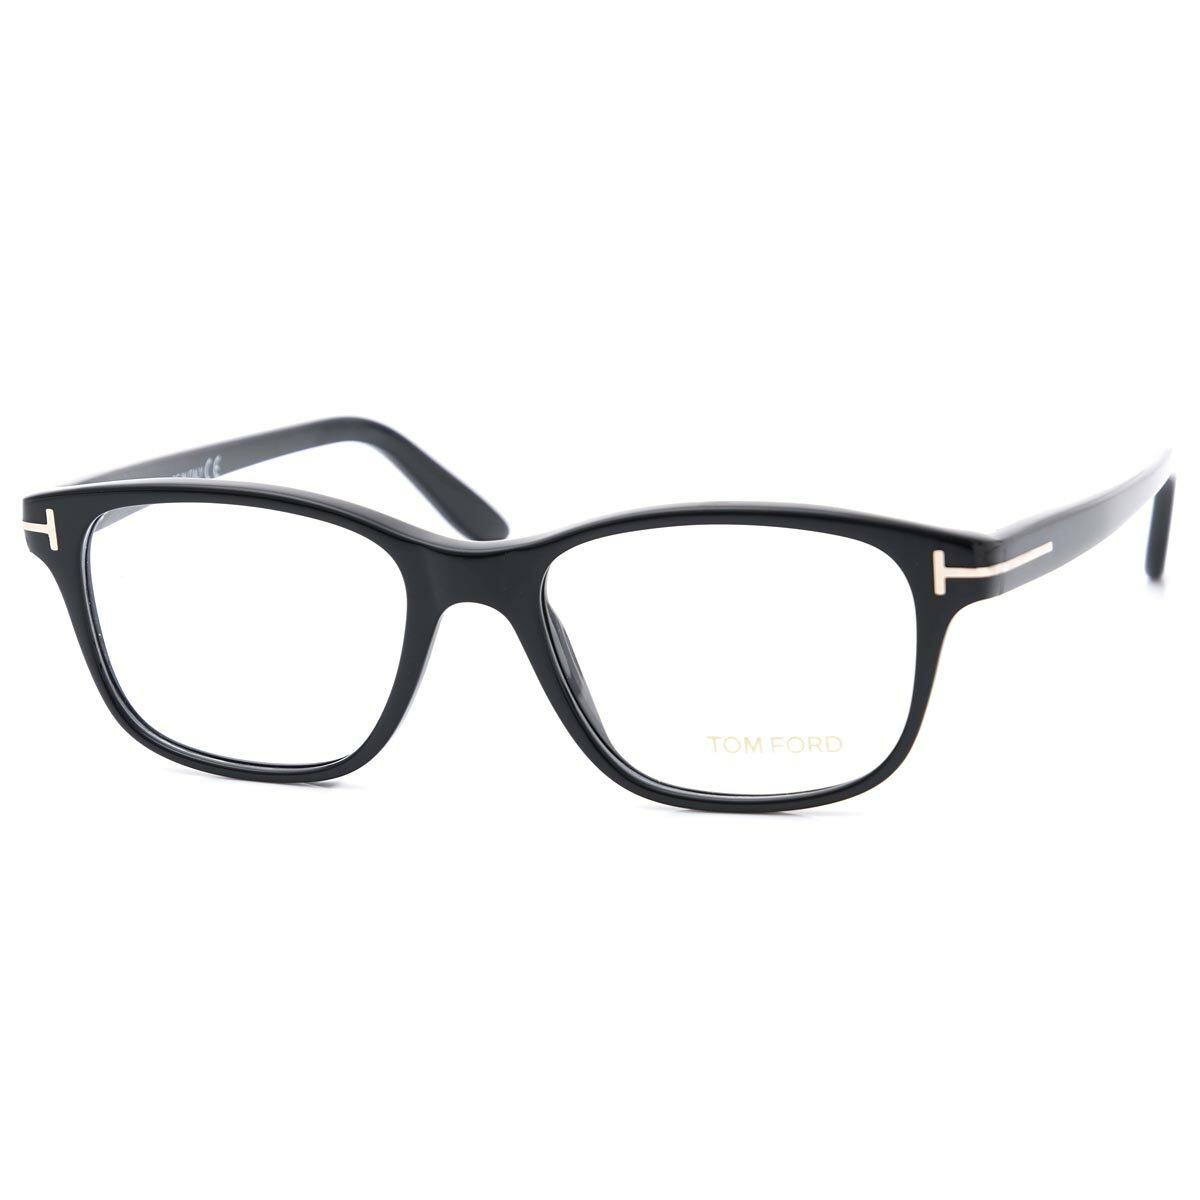 トムフォード TOM FORD メガネ ブラック メンズ アイウェア おしゃれ デザイン TF 眼鏡 フレーム ft5196 001 ウェイファーラー【ラッピング無料】【返品送料無料】【170828】【あす楽対応_関東】